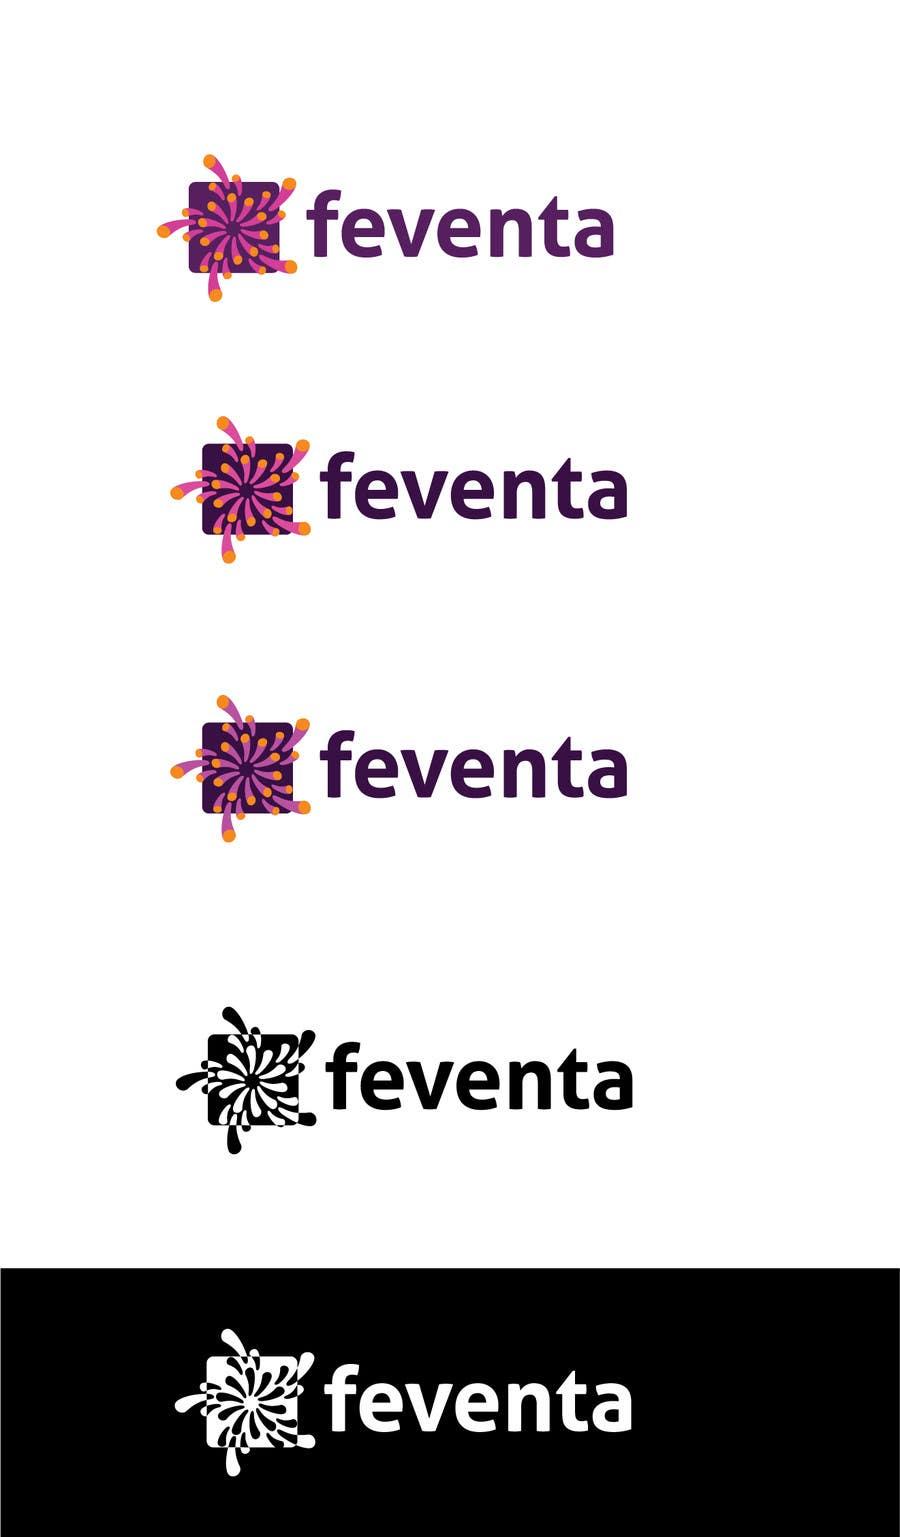 Bài tham dự cuộc thi #                                        67                                      cho                                         Refine and design a logo concept into a professional logo